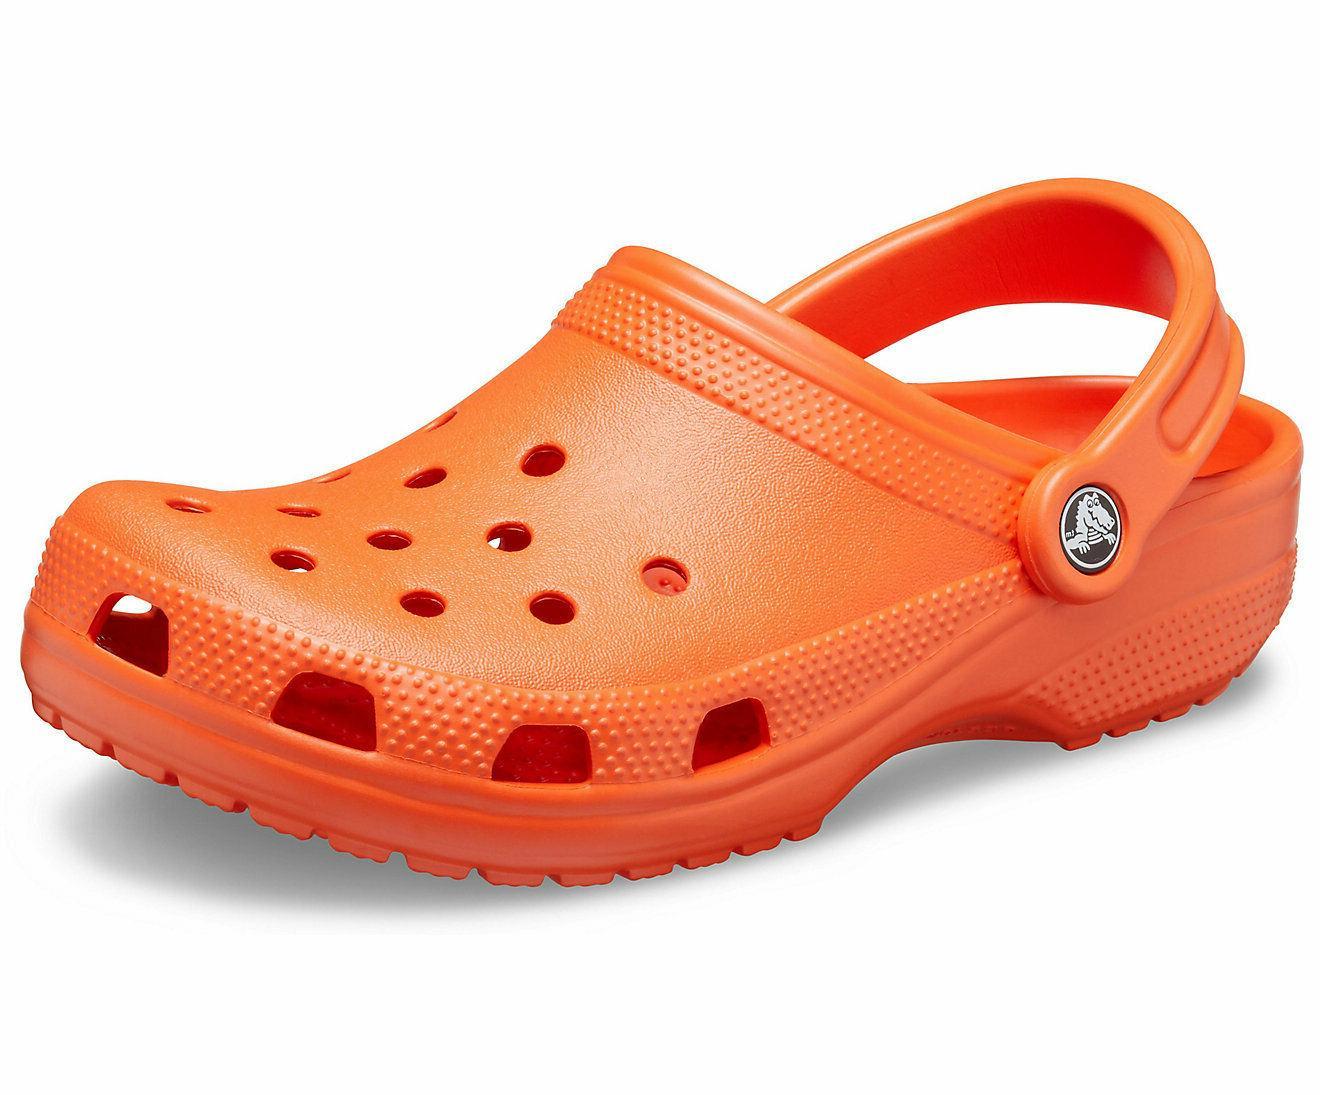 Crocs Proof Shoe